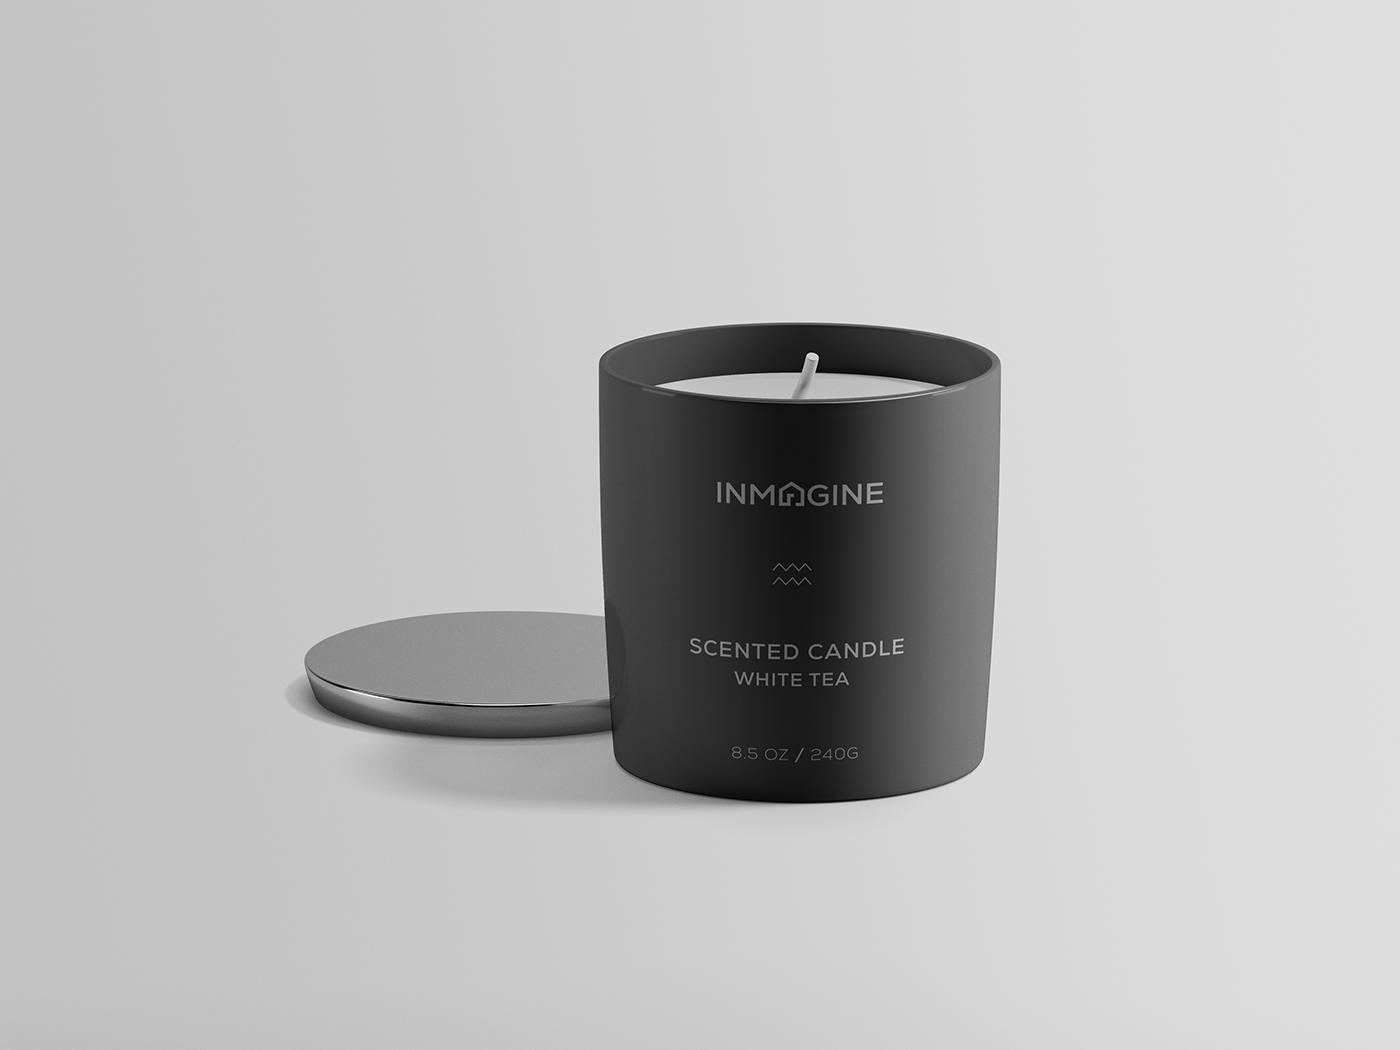 Image may contain: cylinder, black and mug